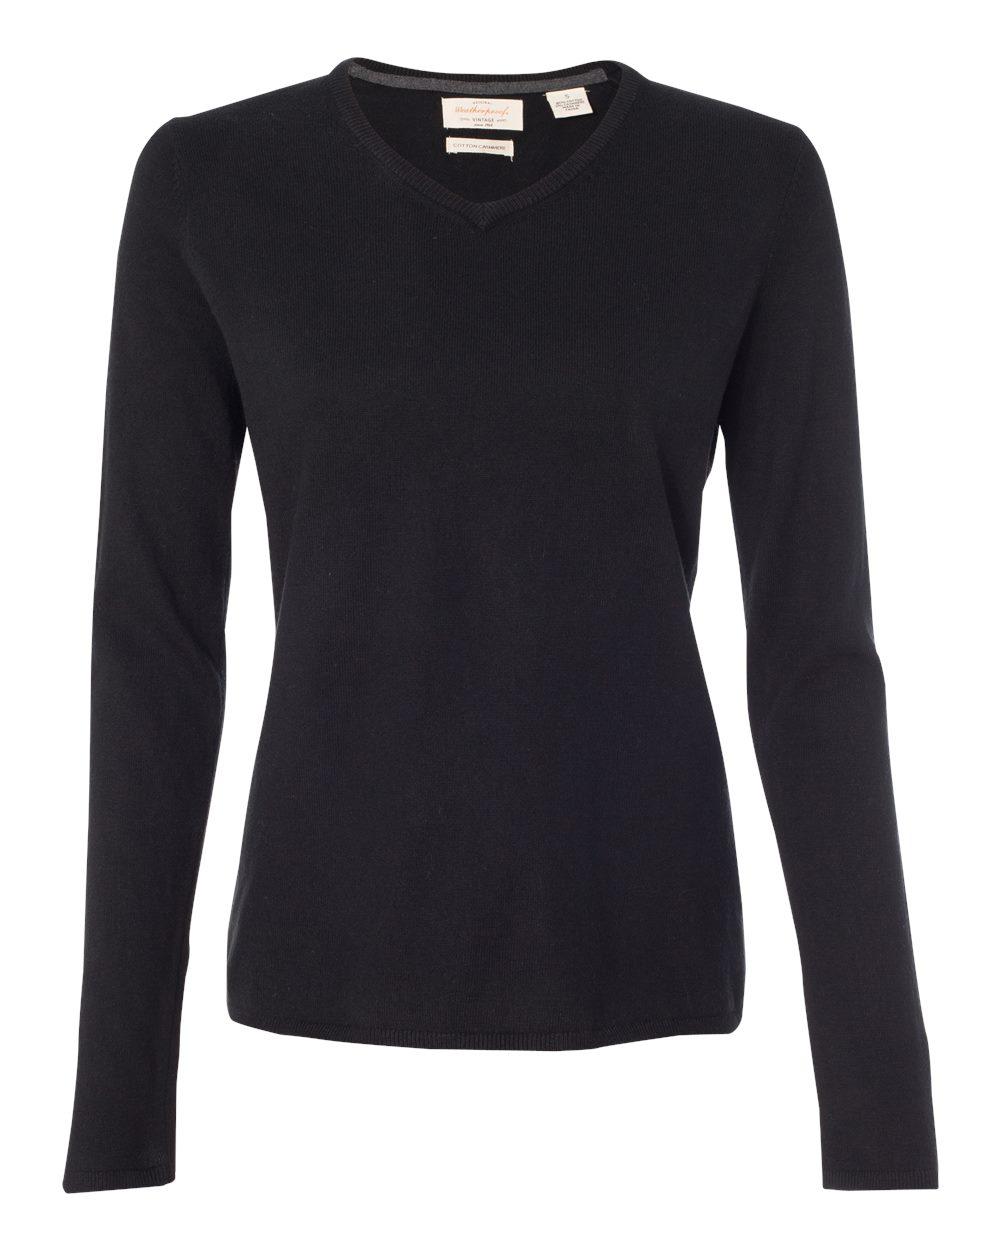 Women's Vintage Cotton Cashmere V-Neck Sweater